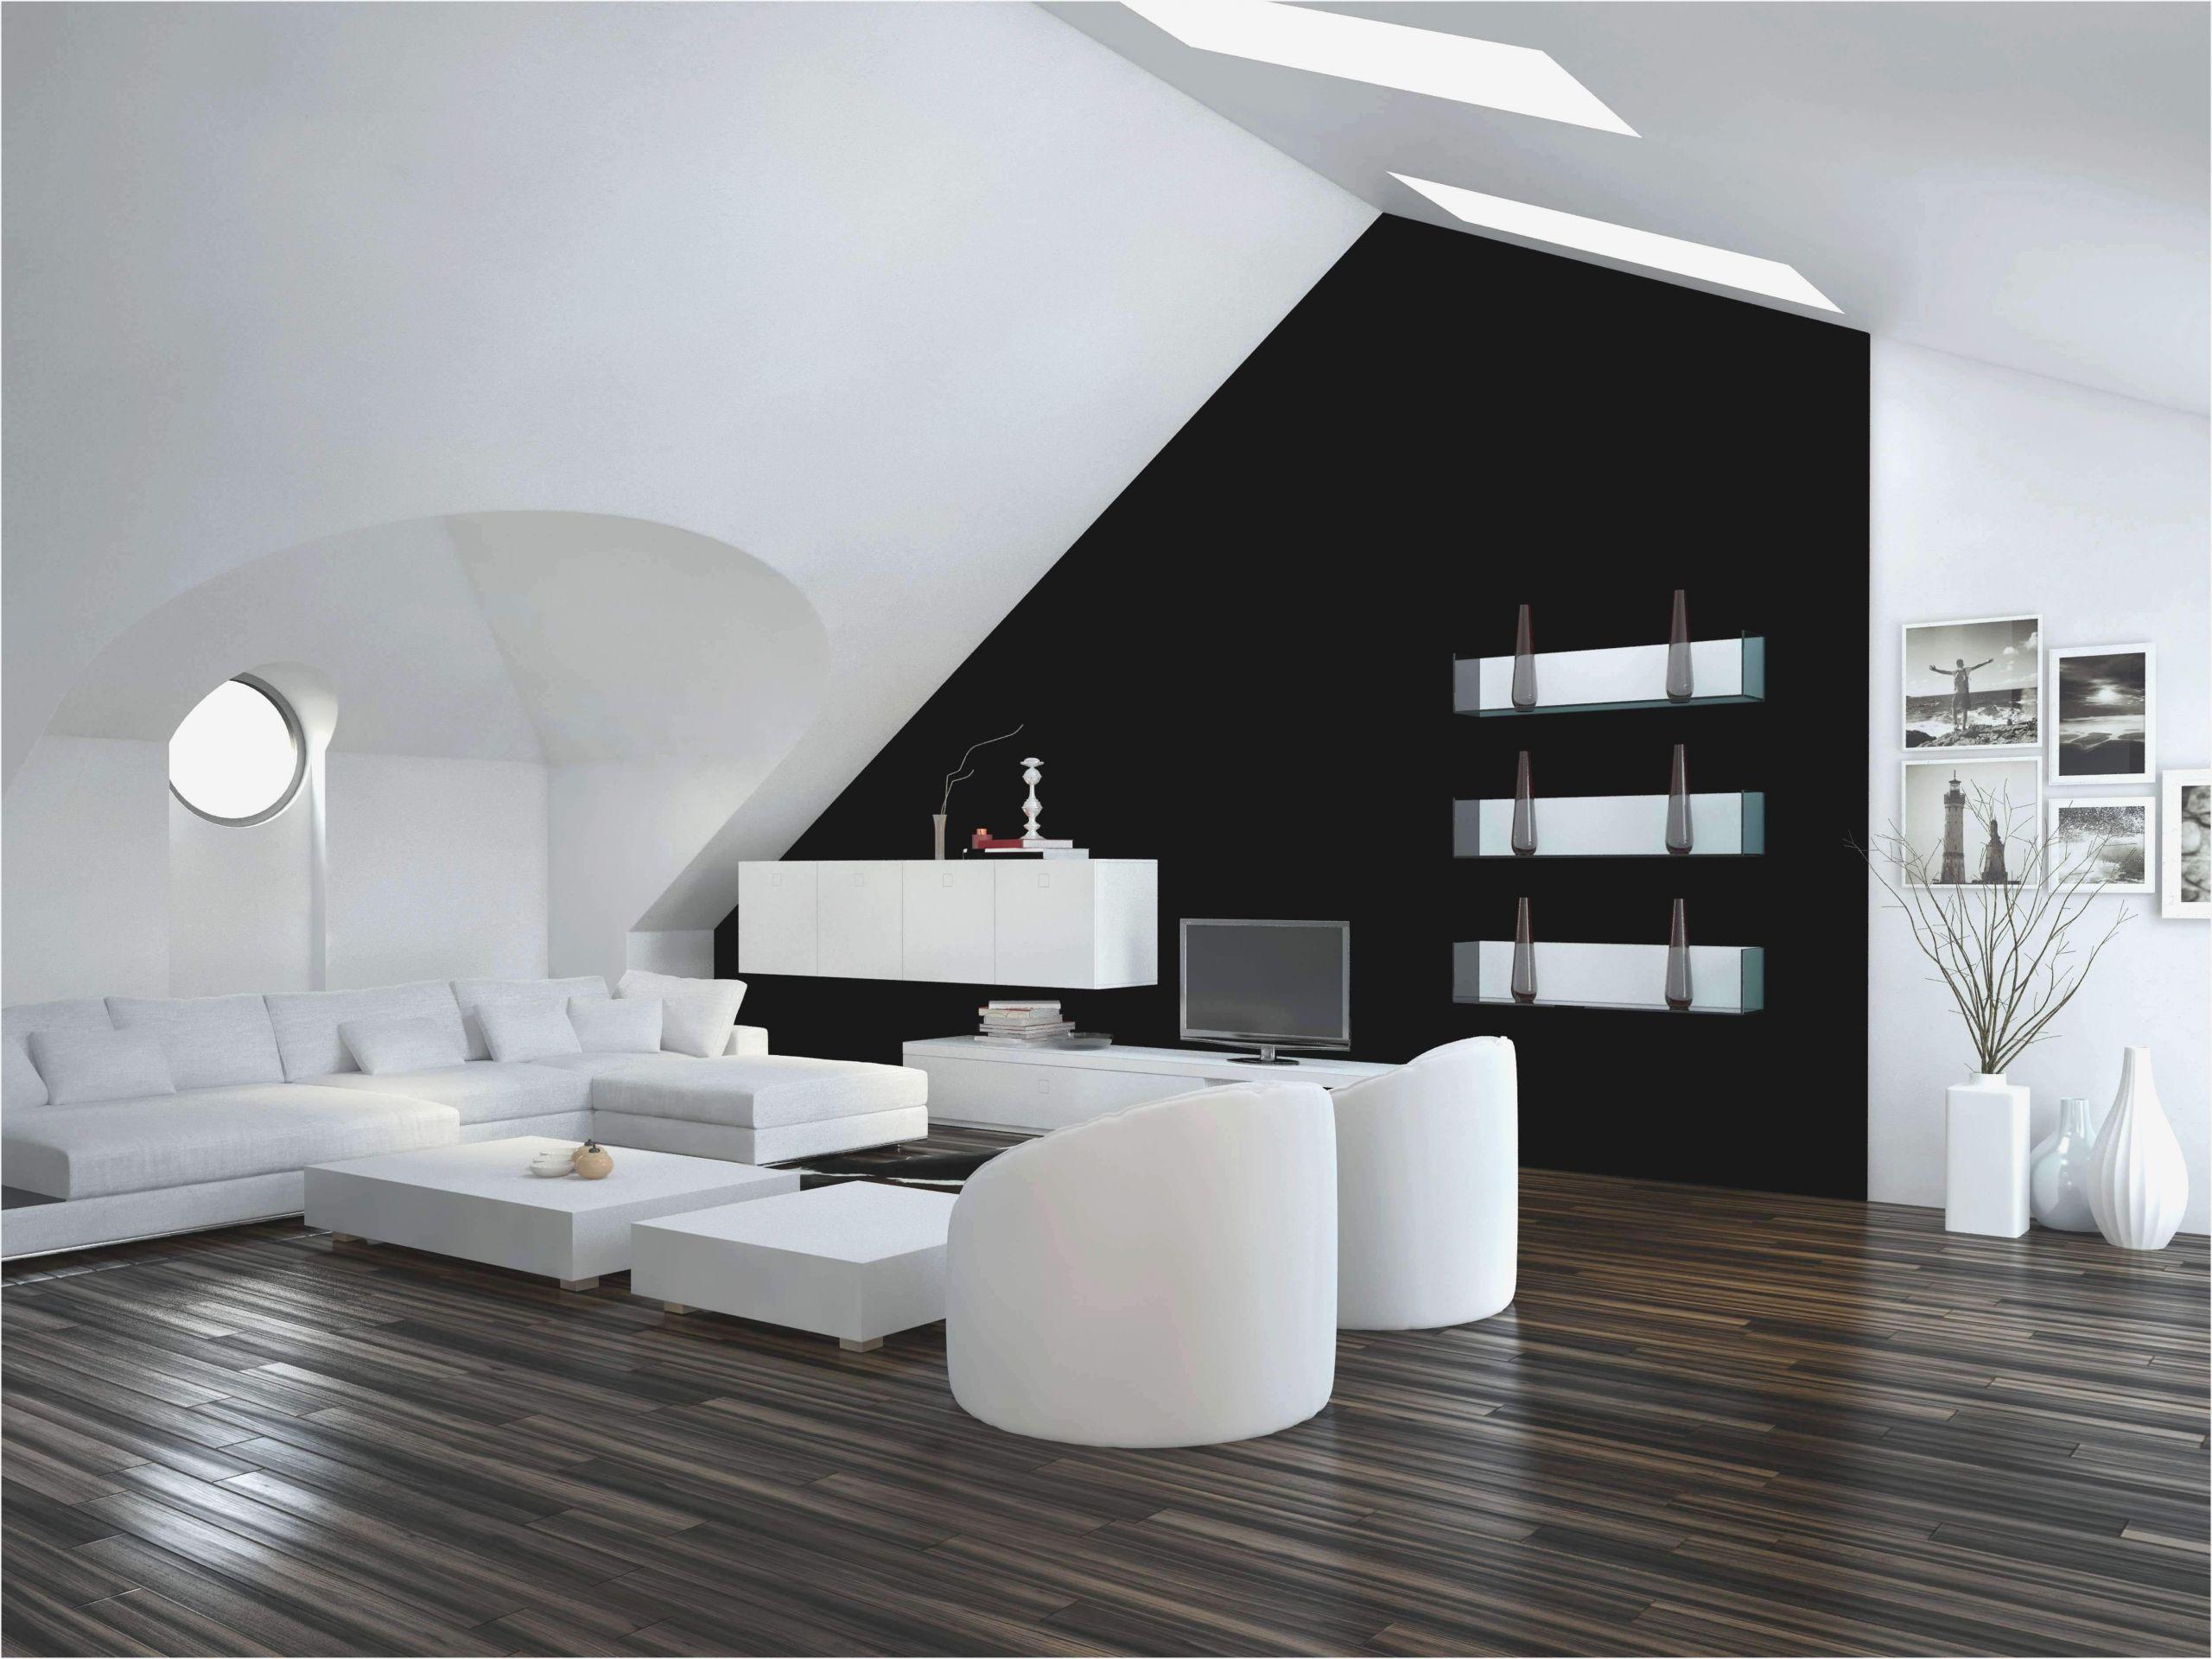 deko wohnzimmer selber machen scaled